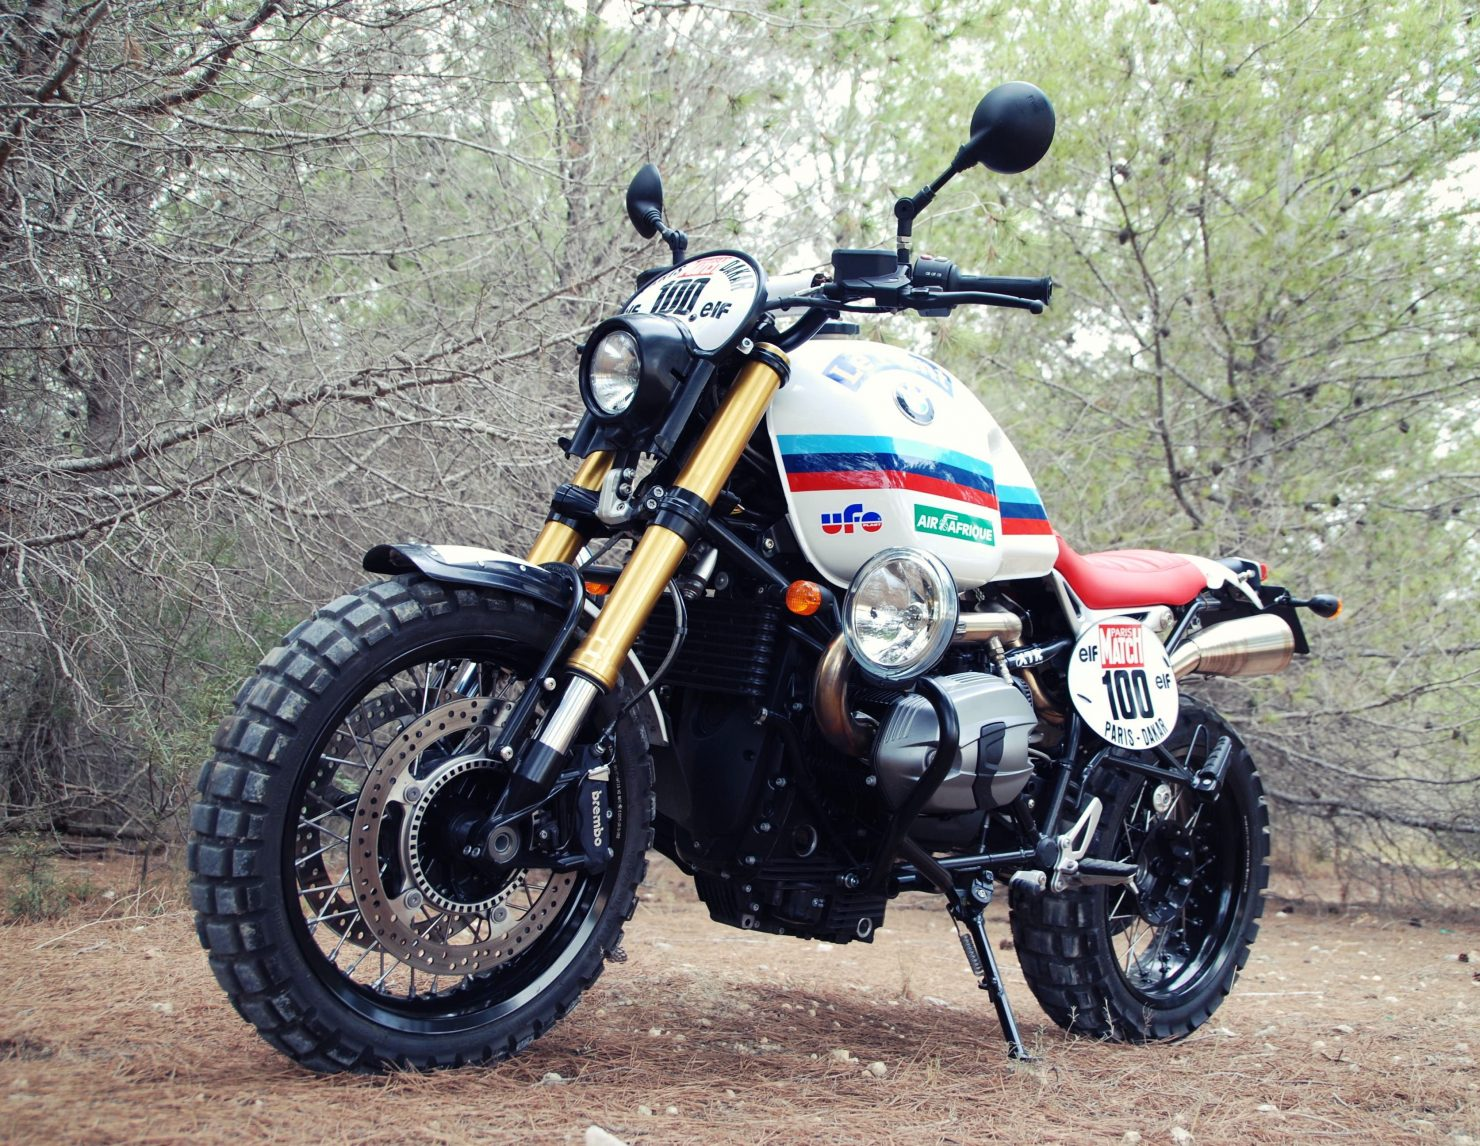 BMW R Nine T Custom Motorbike 1480x1146 - XTR Pepo BMW R nineT Paris Dakar